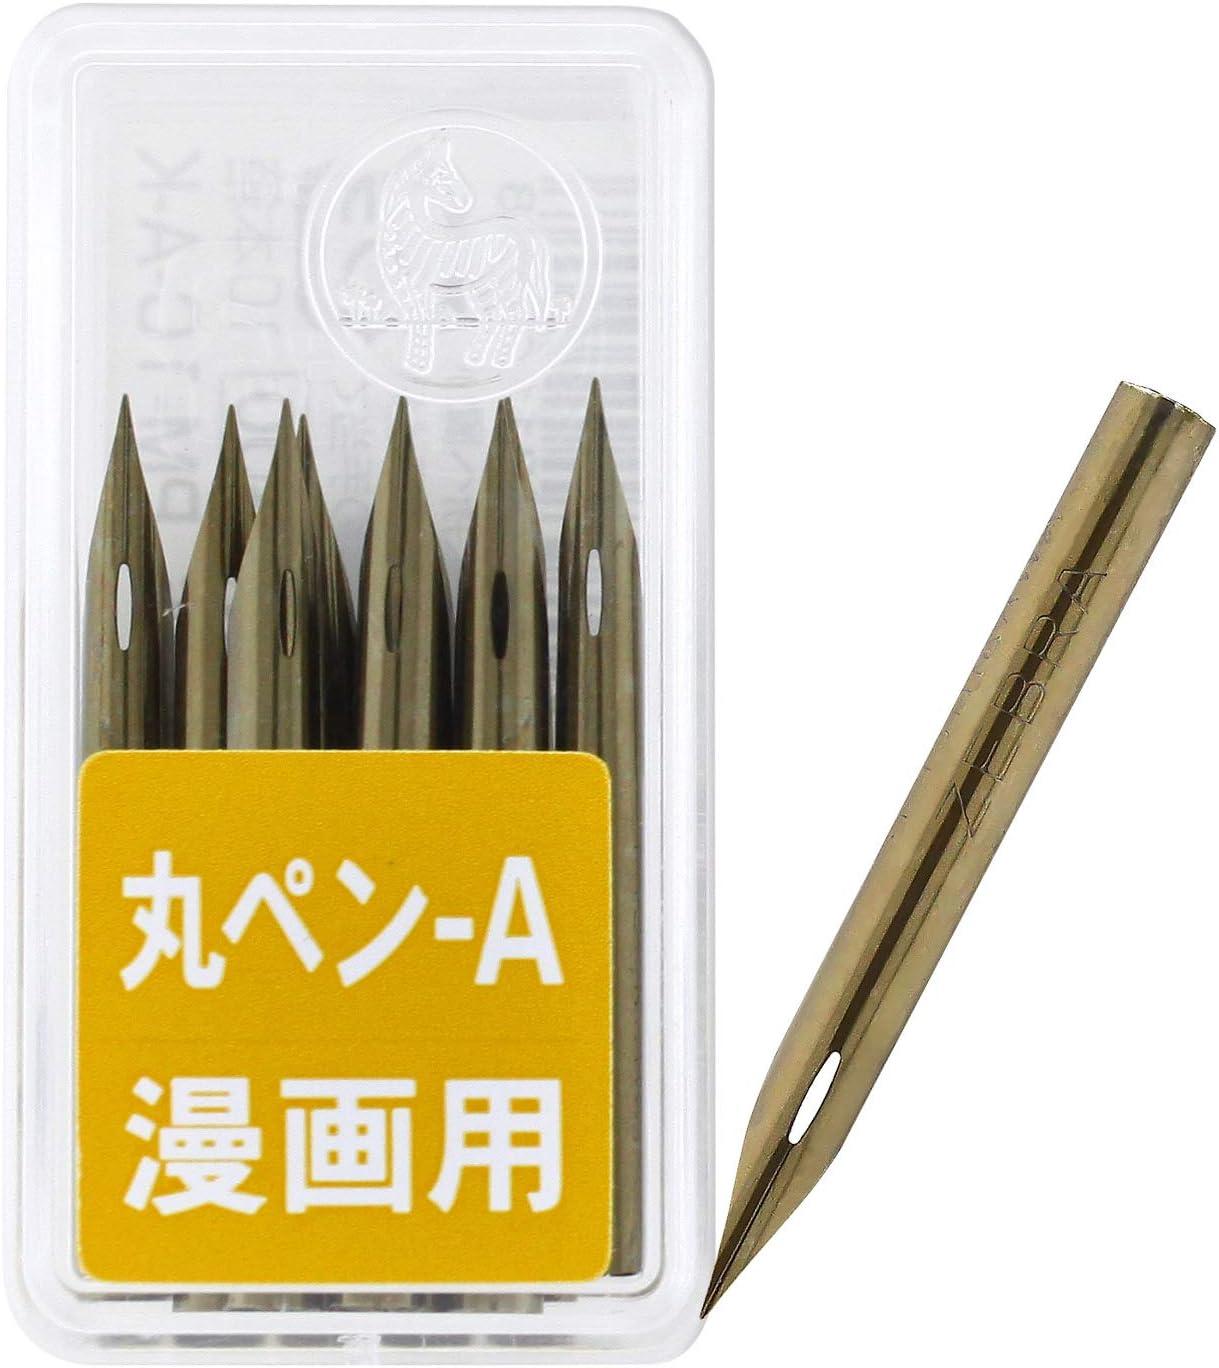 ゼブラ『漫画用ペン先 丸ペン-A』